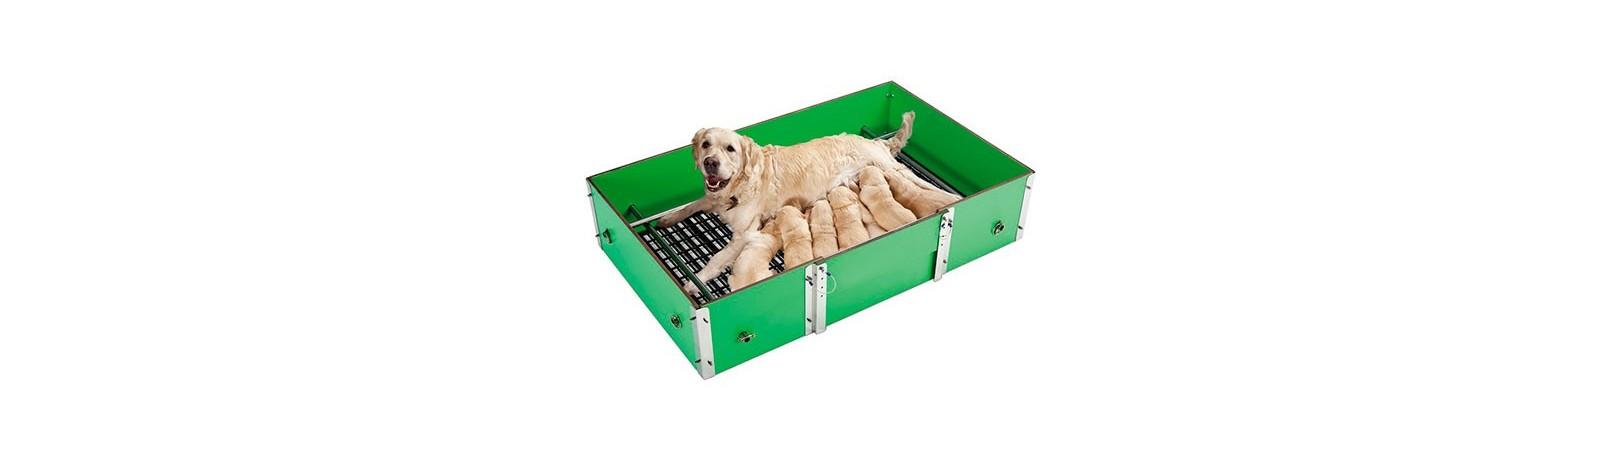 Fabricante de Parideras para perros